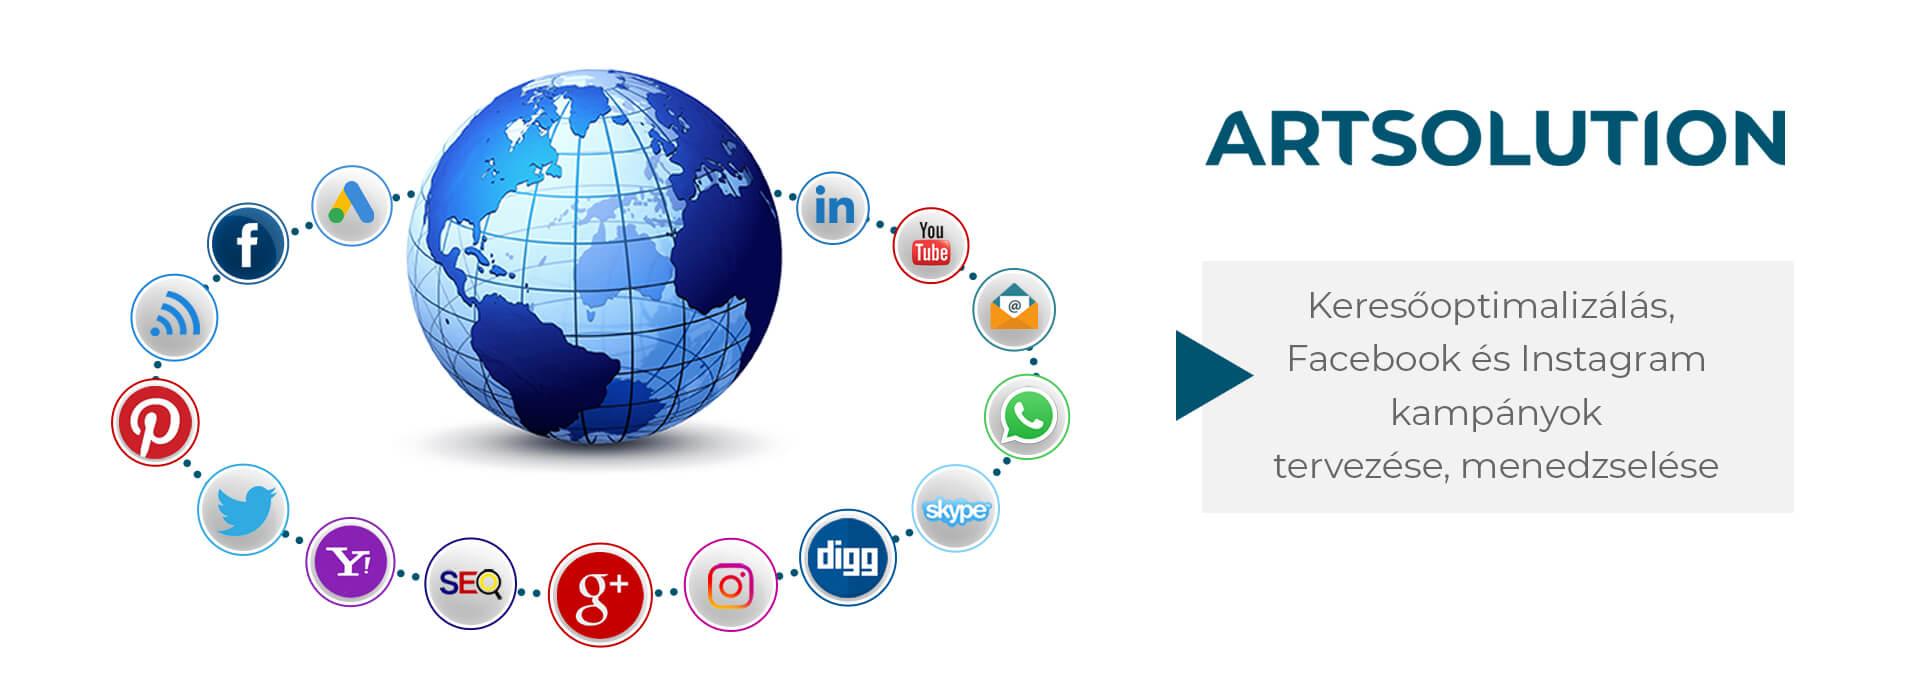 Keresőoptimalizálás, Facebook és Instagram kampányok tervezése, menedzselése